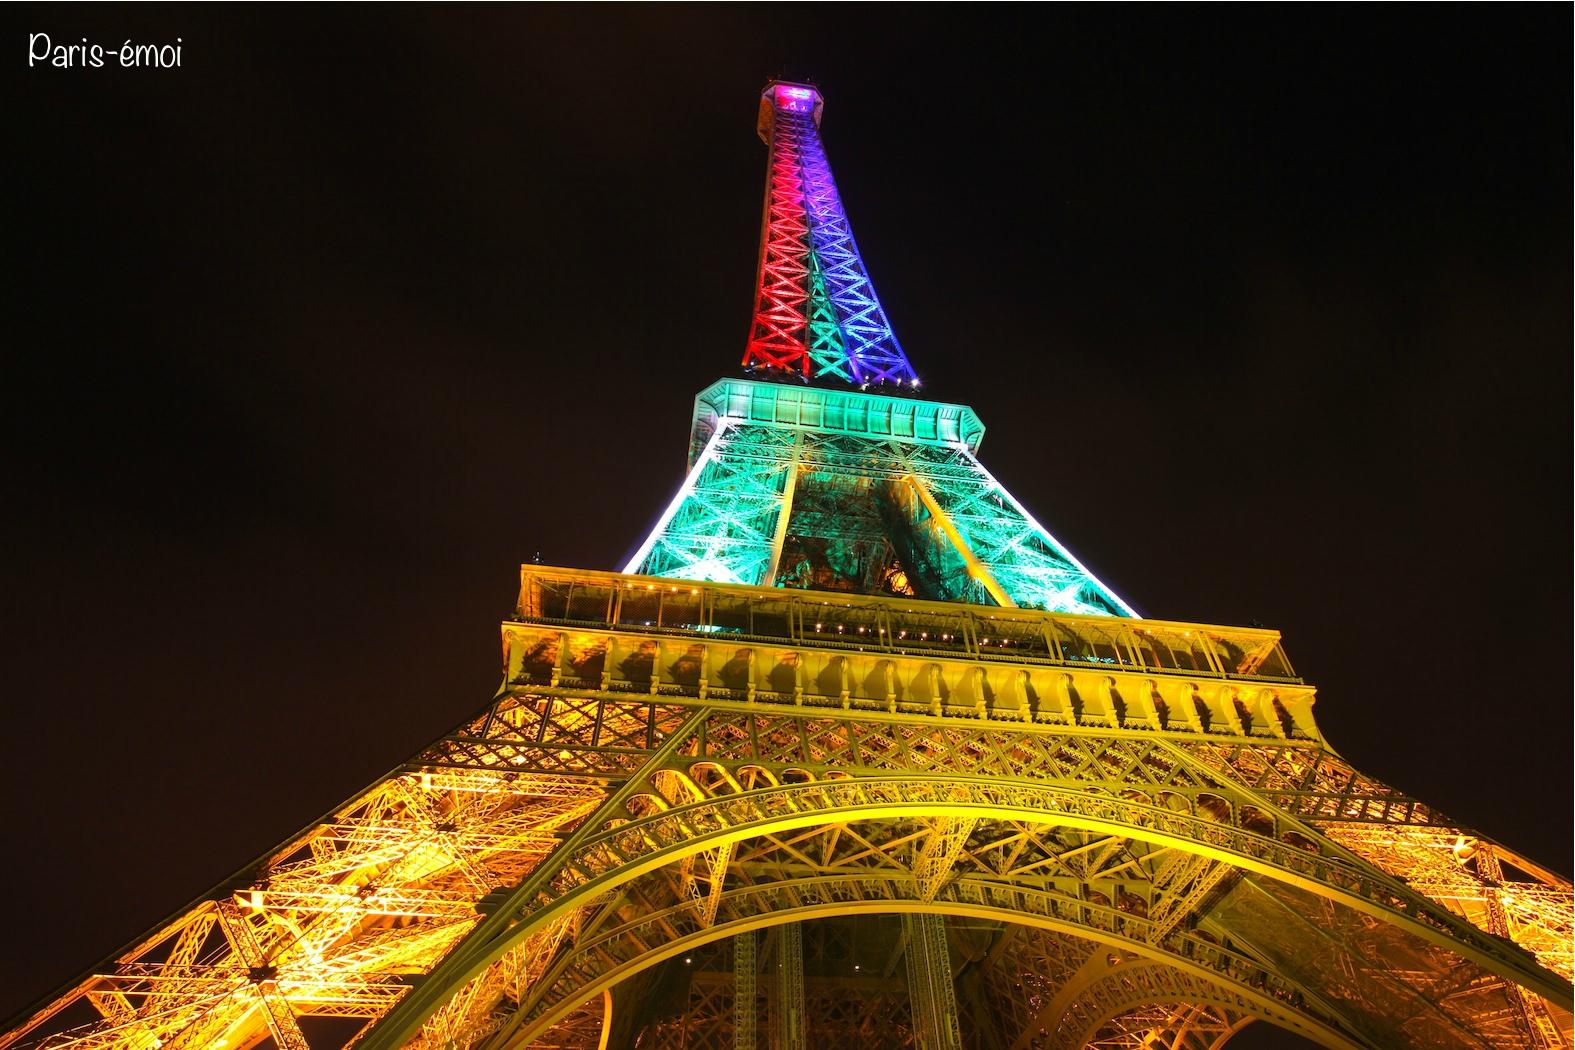 La tour eiffel sud africaine paris moi - Office du tourisme afrique du sud paris ...